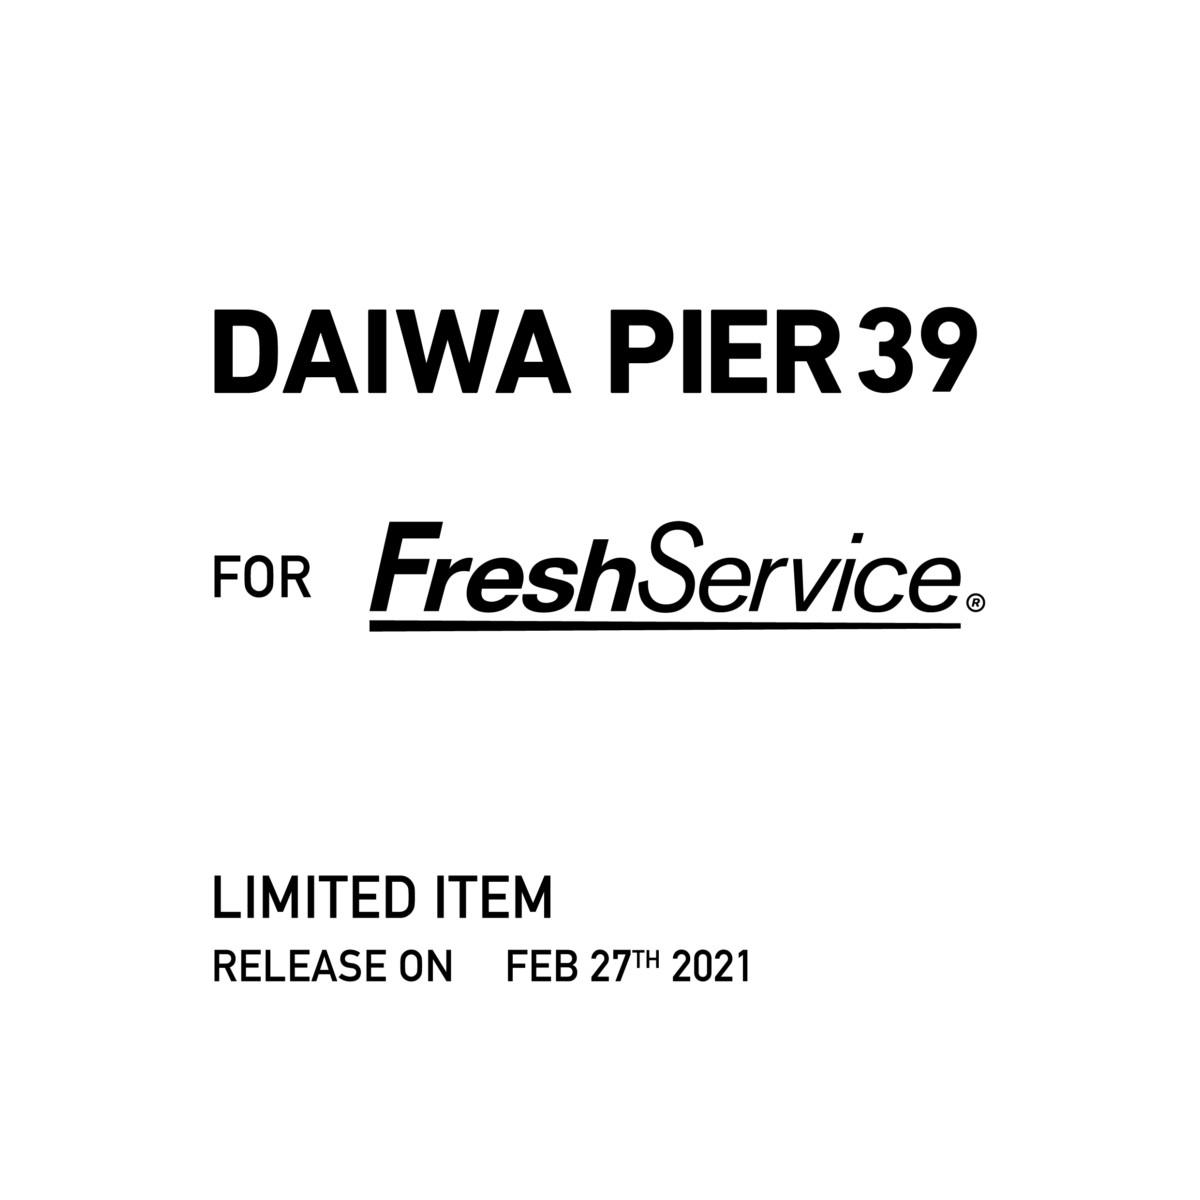 DAIWA_FS_アートボード 1